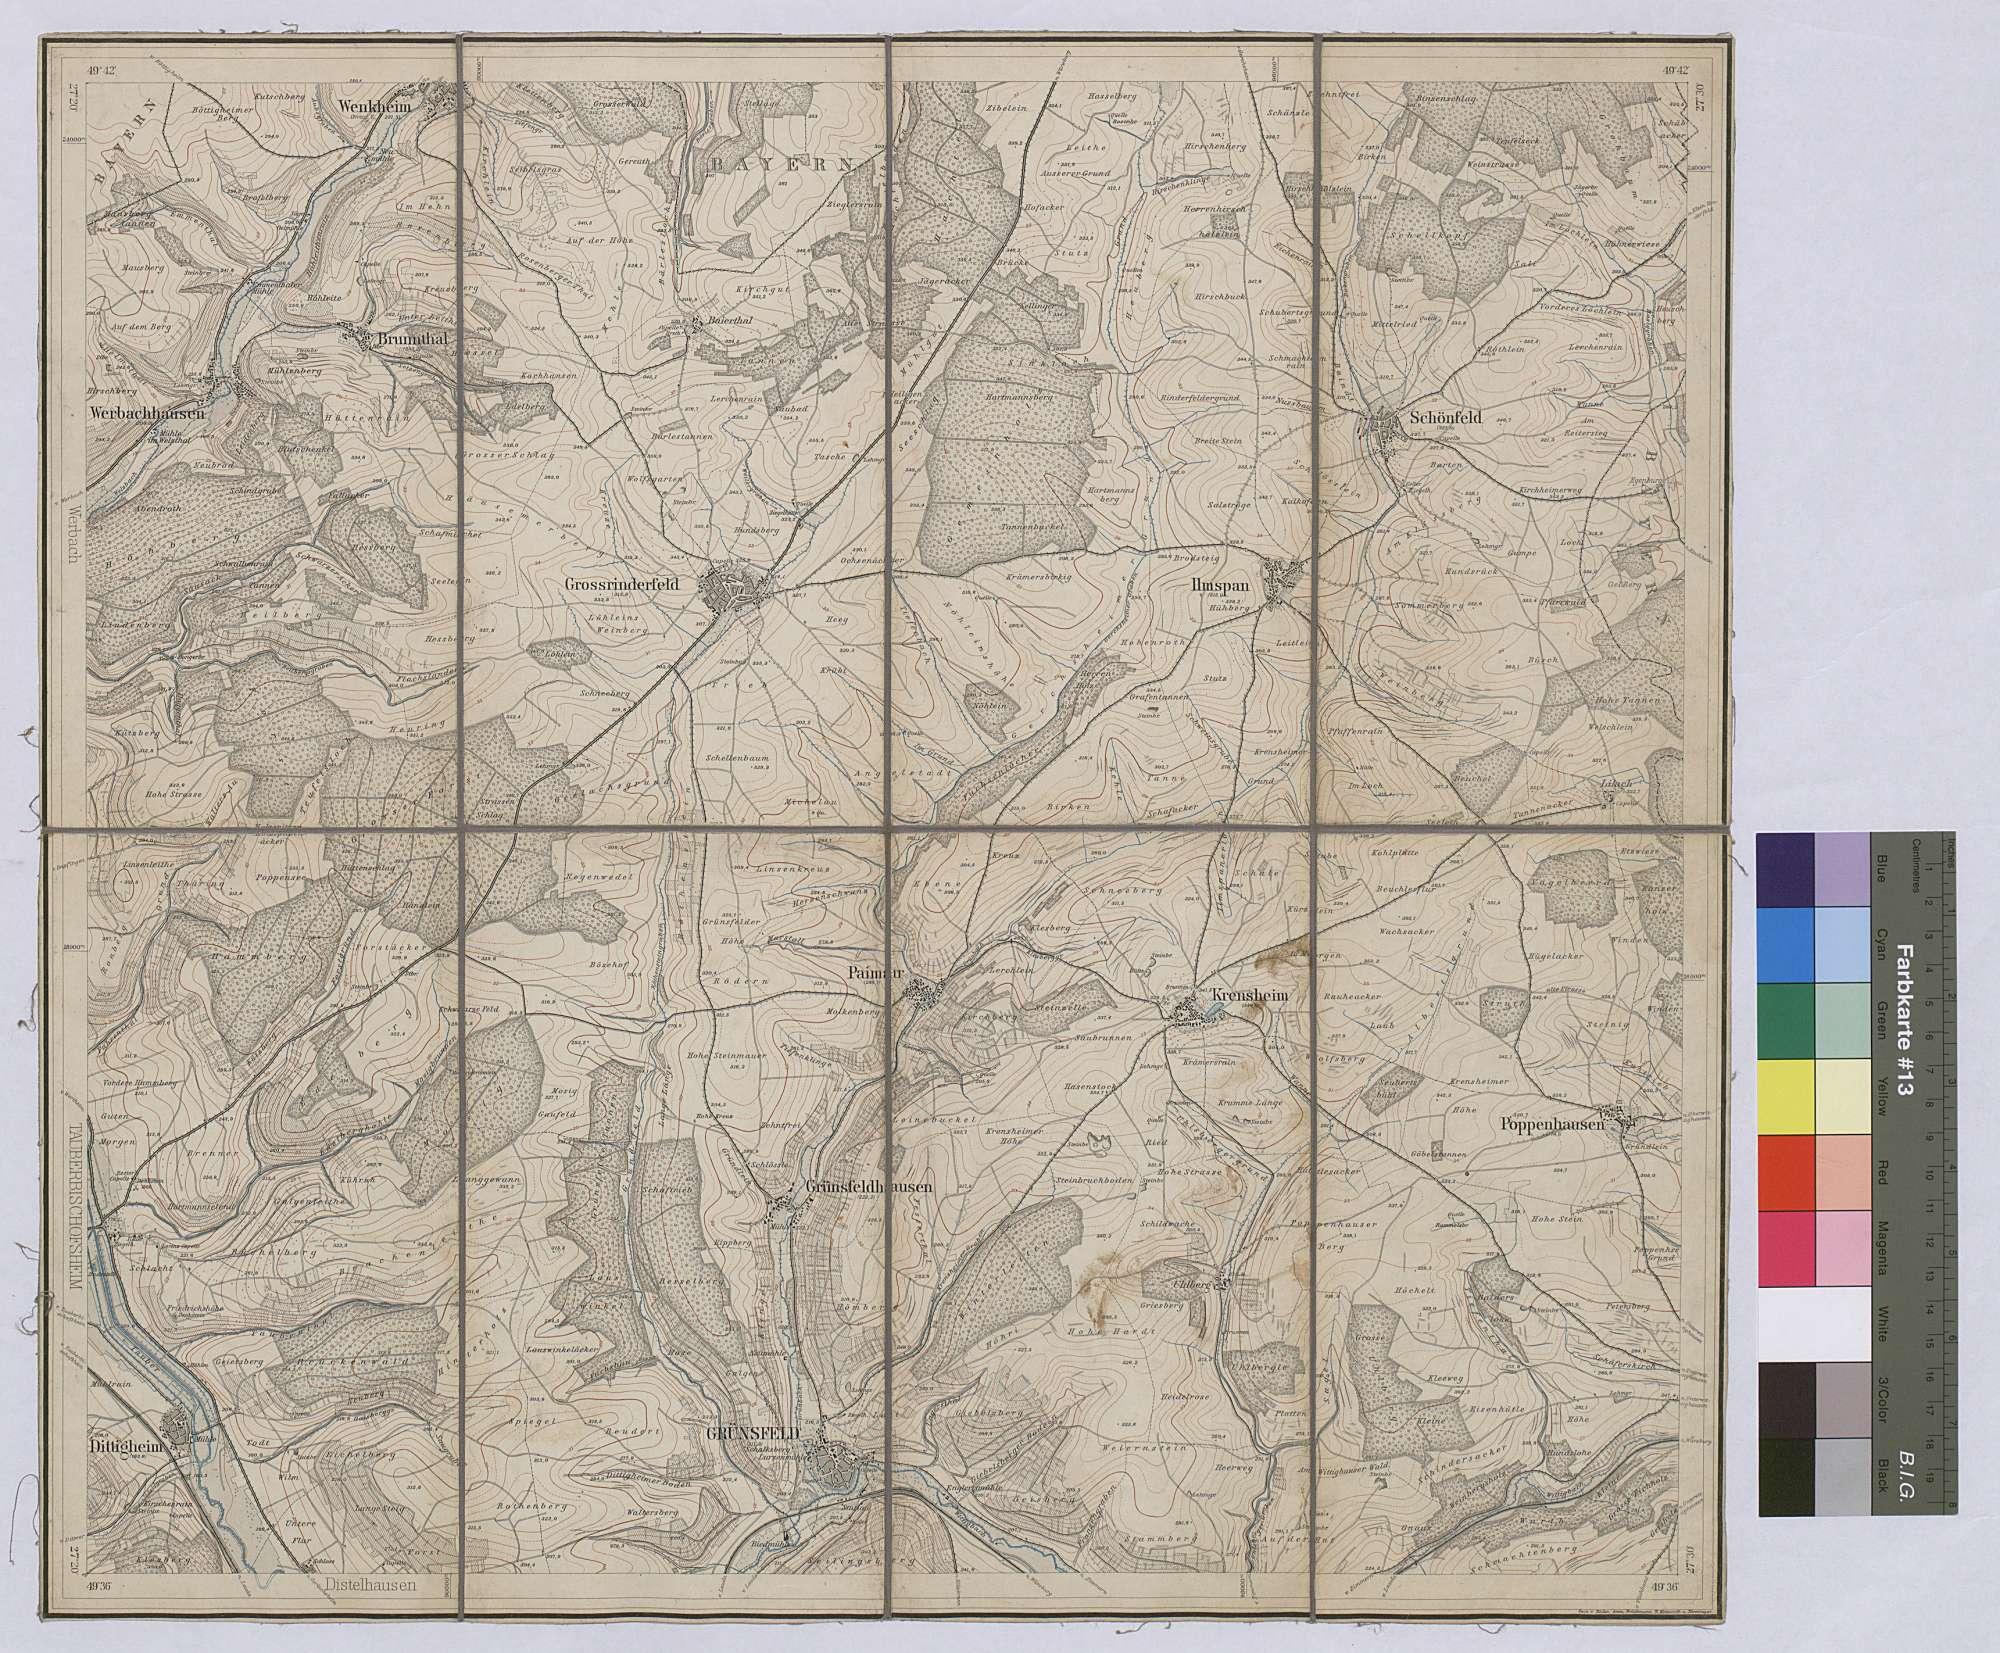 Topographische Karte Grünsfeld [Nr. 6324] Maßstab 1:25 000 / Zwei-Farben-Druck / 47 x 51 cm, Bild 1